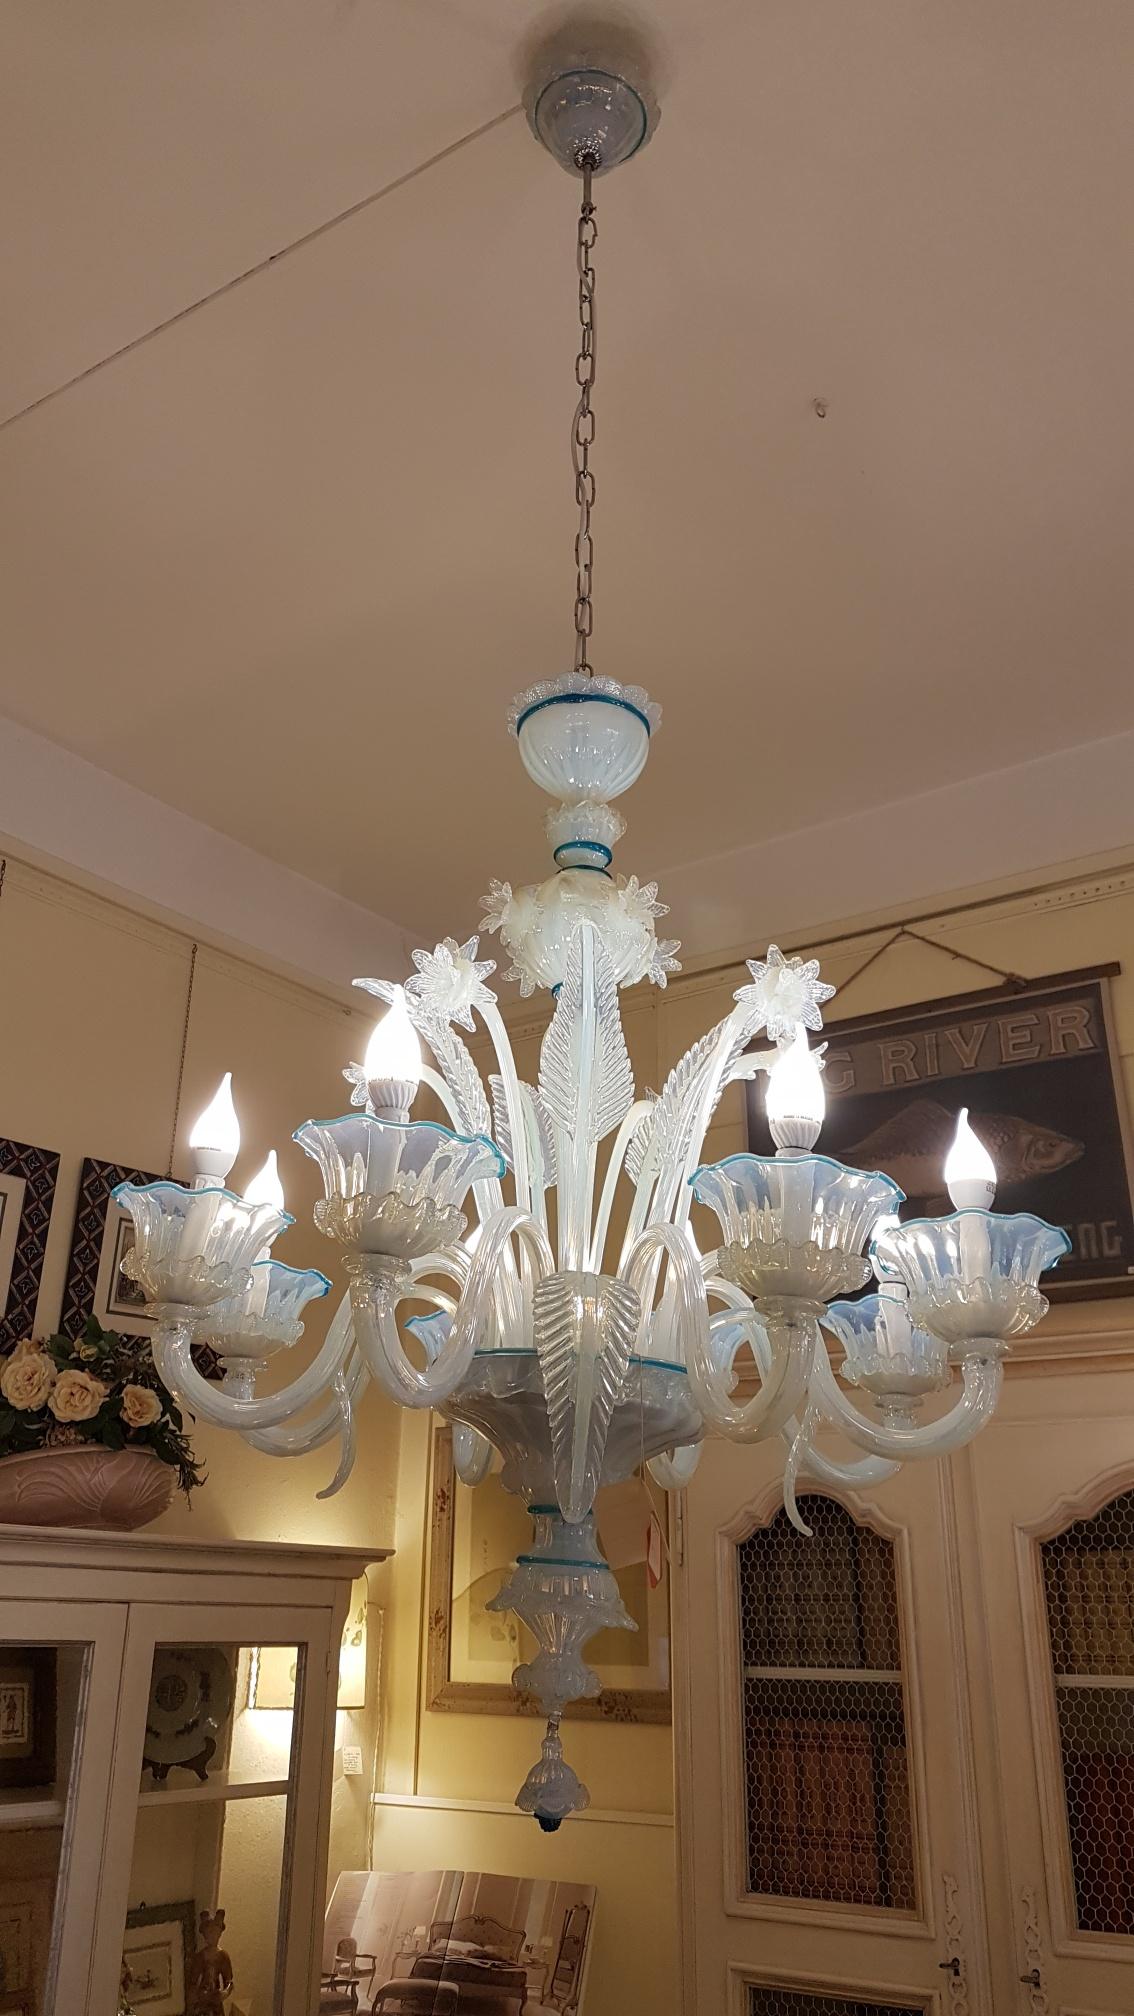 Lampadari Antichi Di Murano.Arredamento Contemporaneo Mobili Country Su Misura Siena Firenze